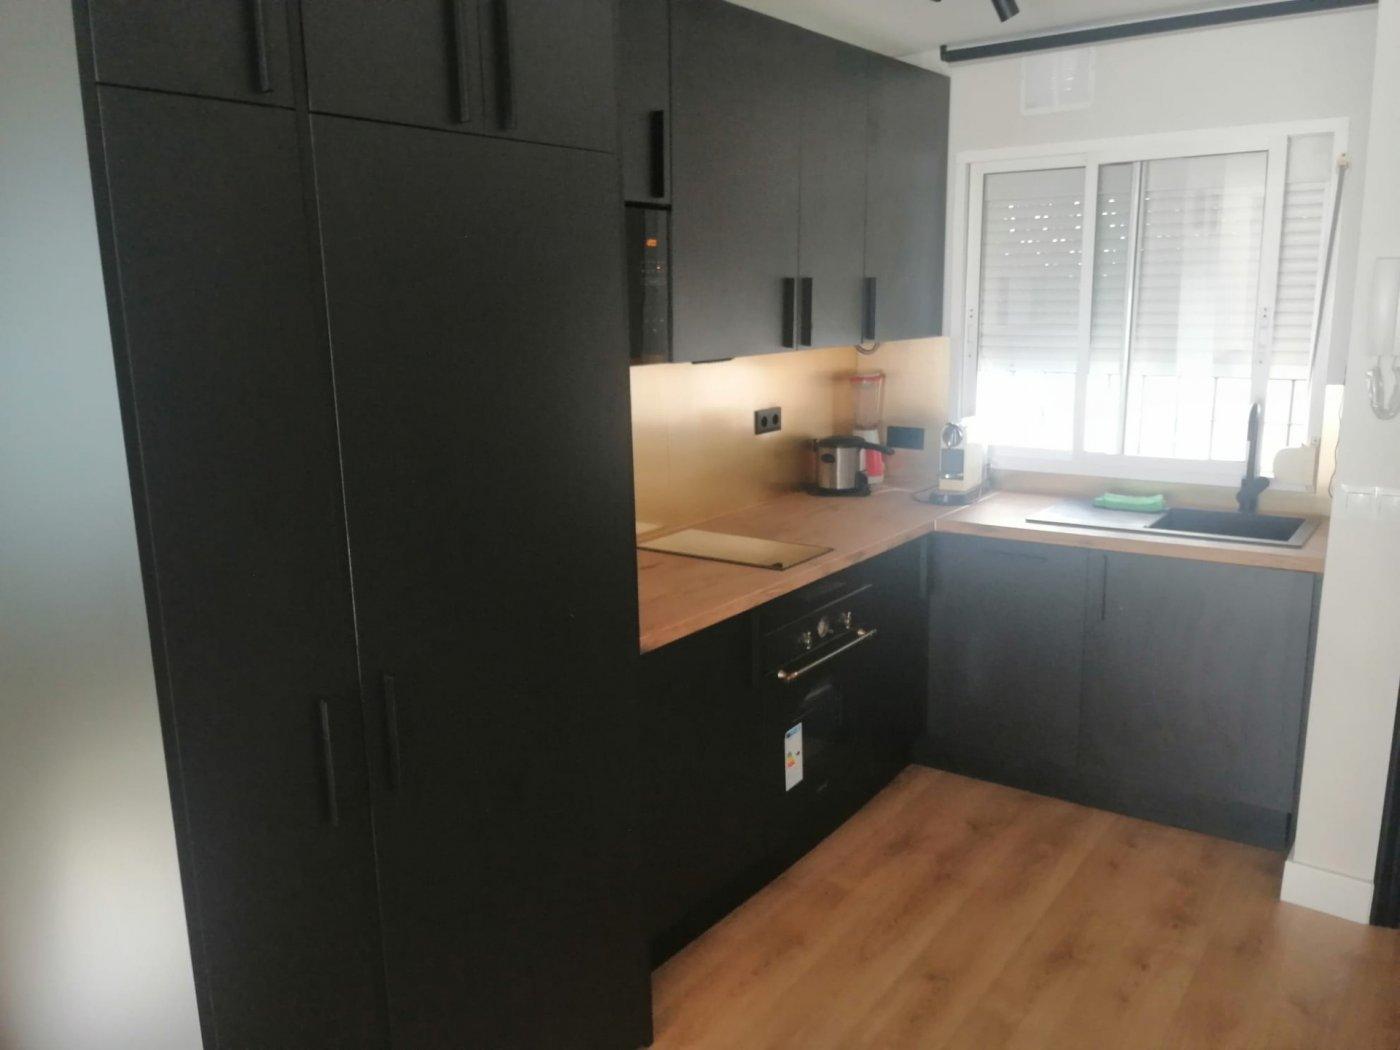 Apartamento 2 dormitorios en la cariihuela - imagenInmueble6